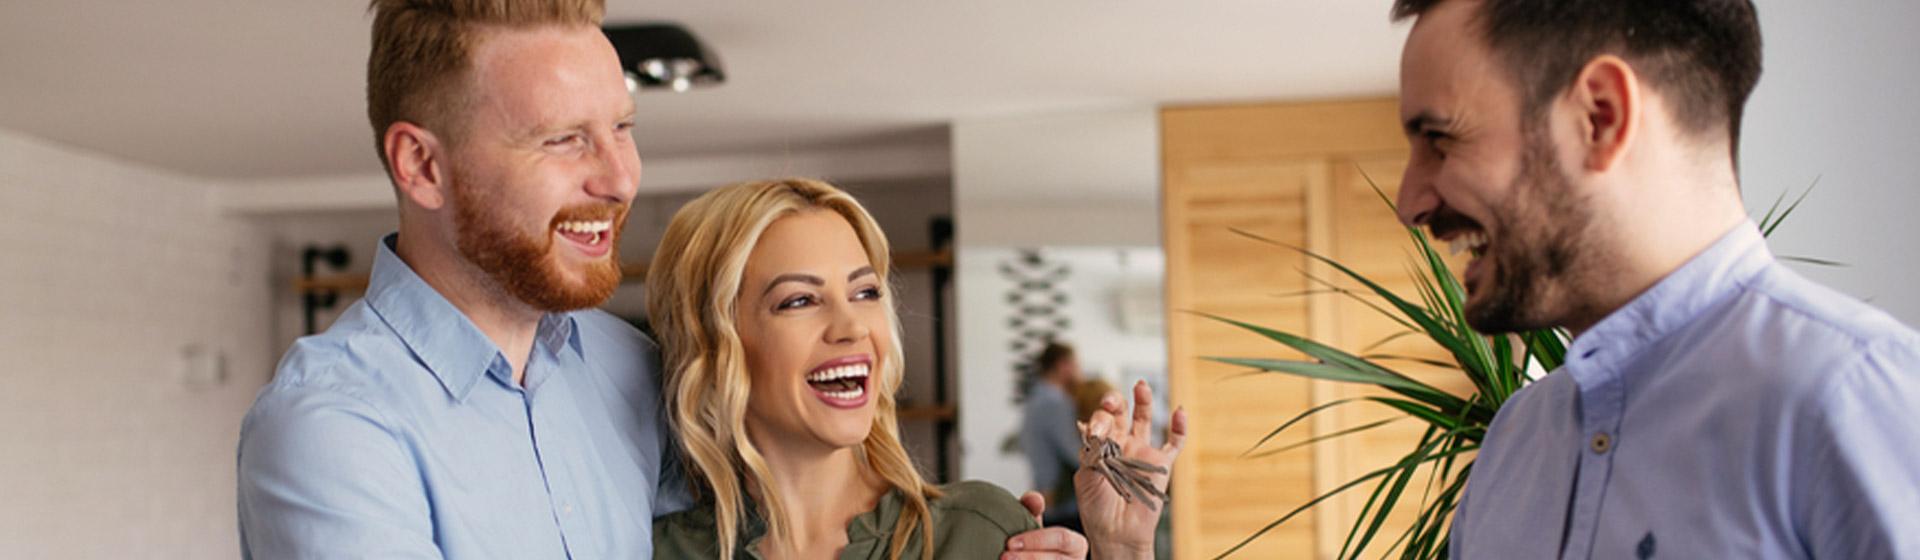 Verhoging WOZ-waarde kan huiseigenaar paar honderd euro opleveren